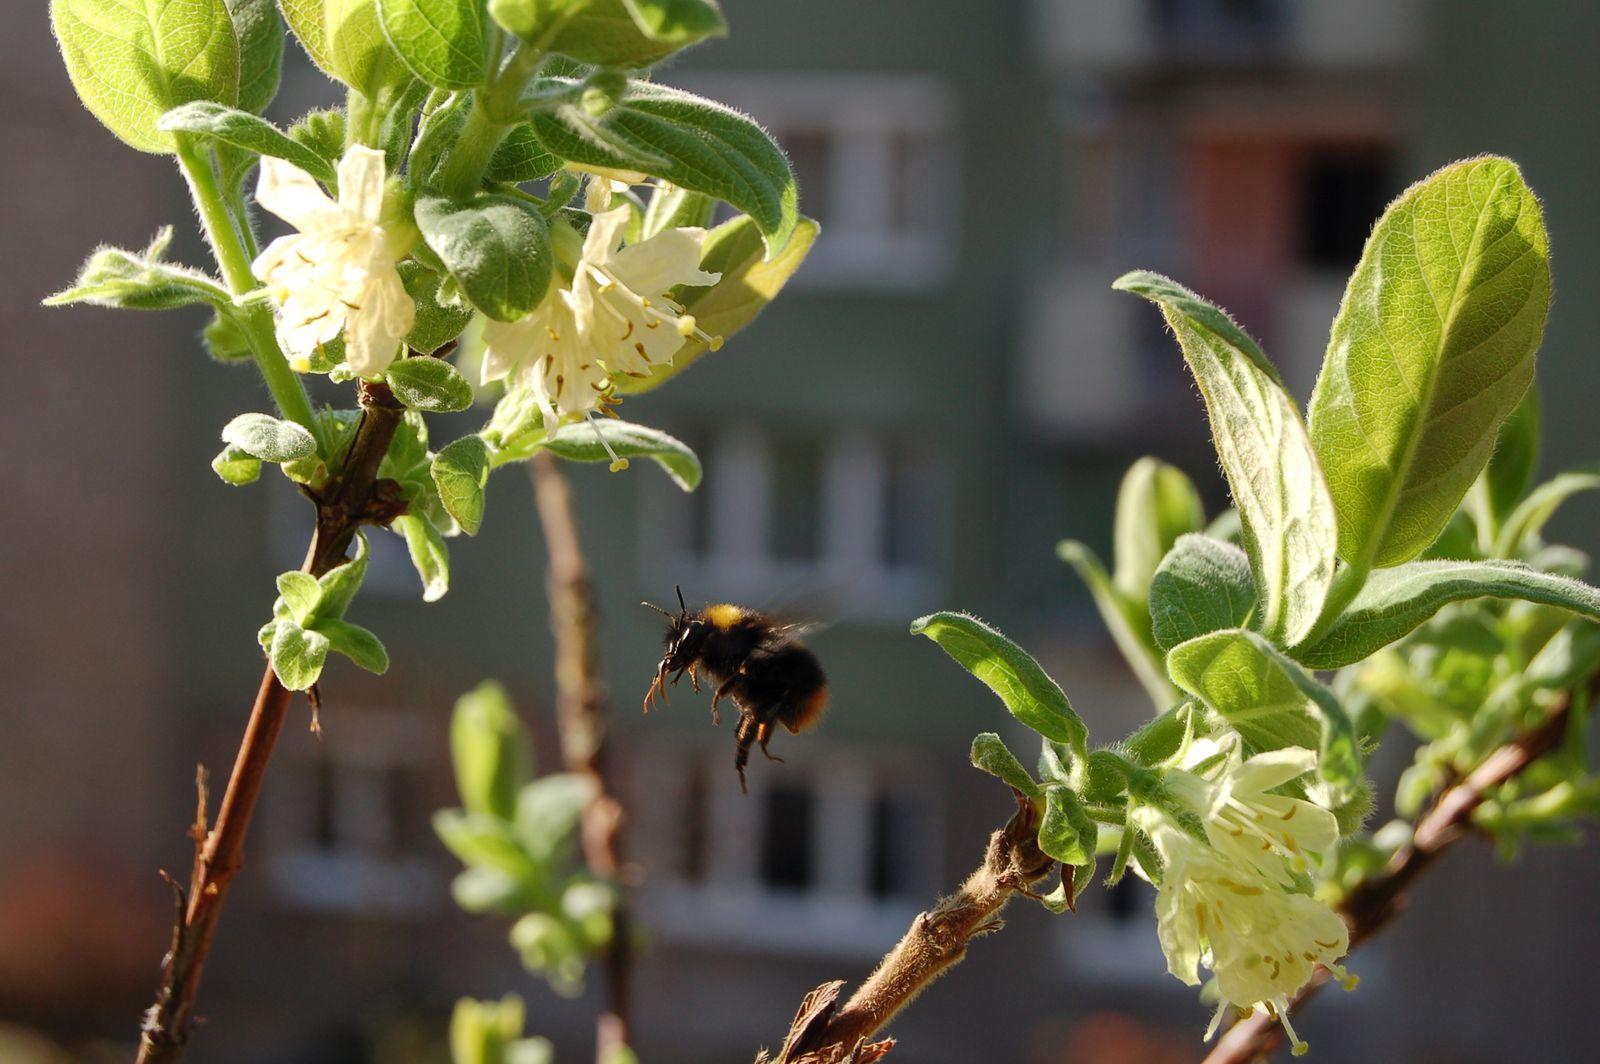 Bienenfreundliche Balkonpflanzen 15 Balkonpflanzen Fur Bienen